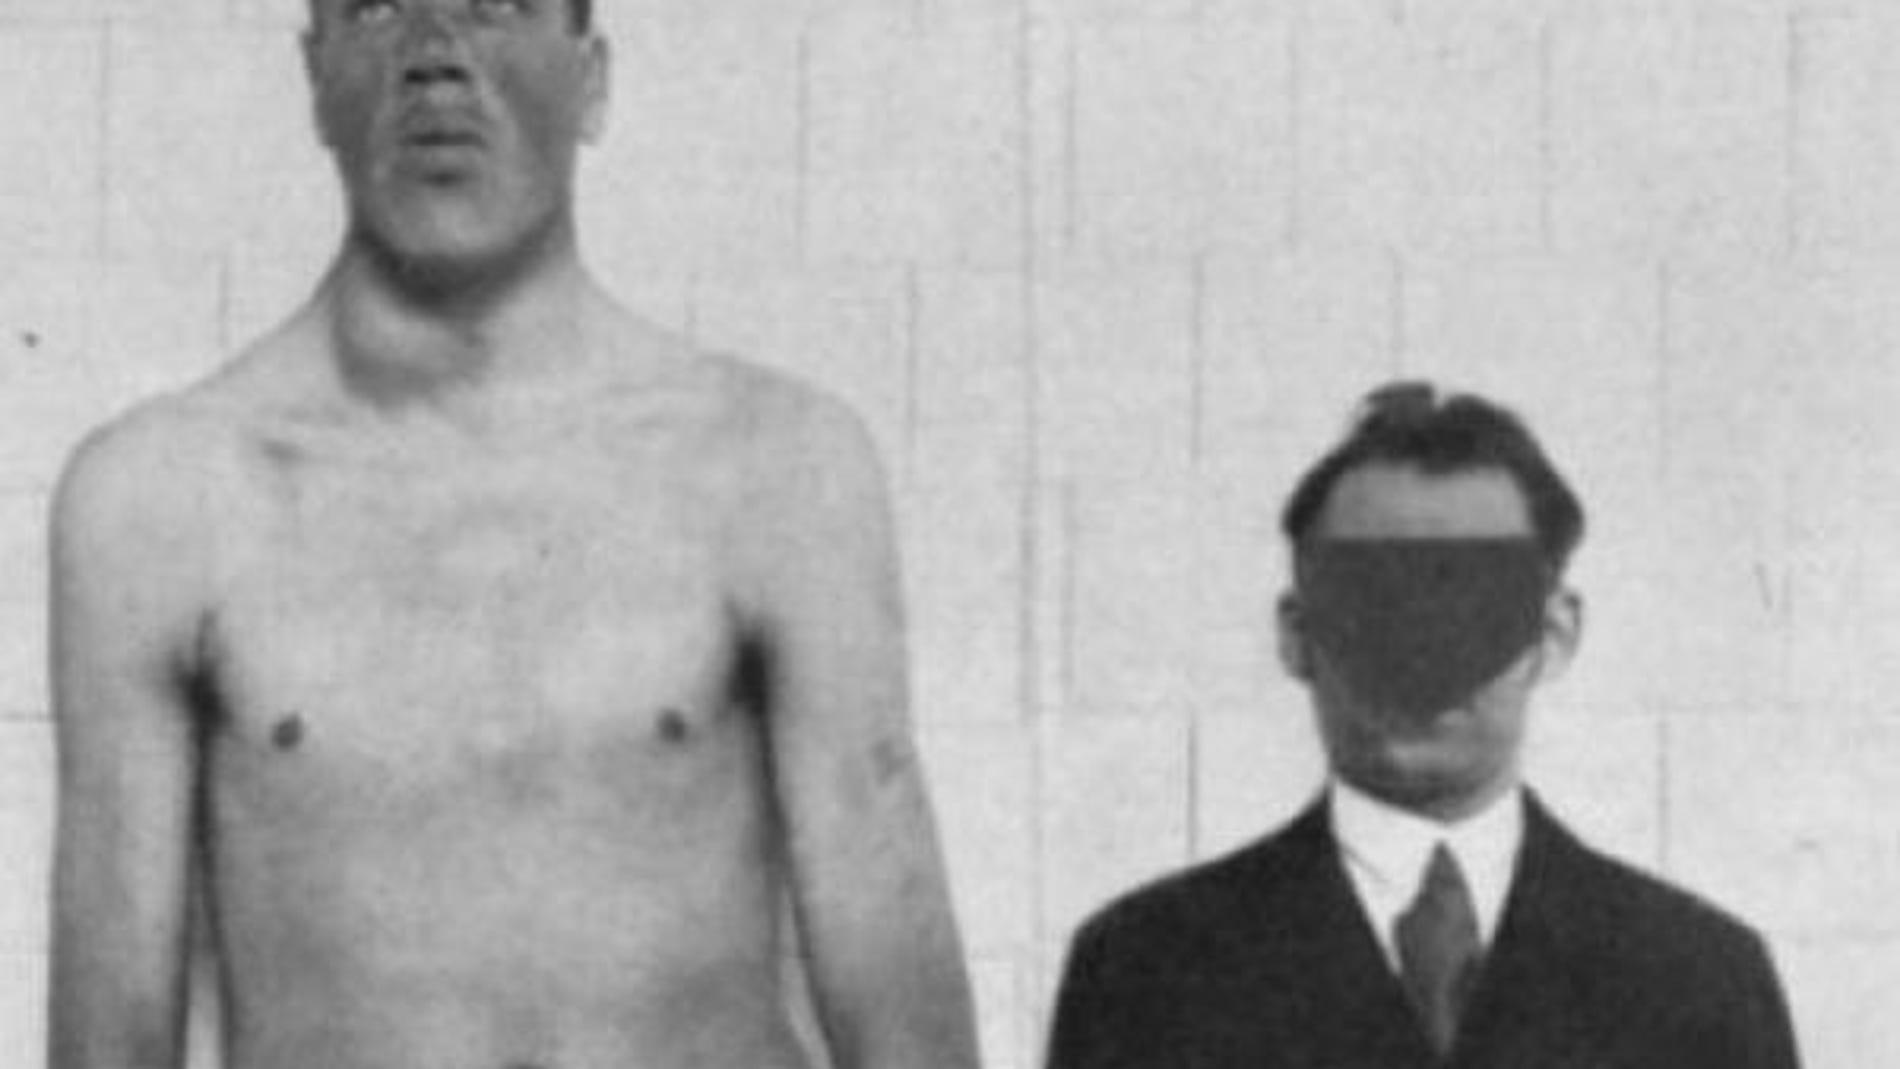 Los rasgos faciales de Rainer, a la izquierda, denotan gigantismo